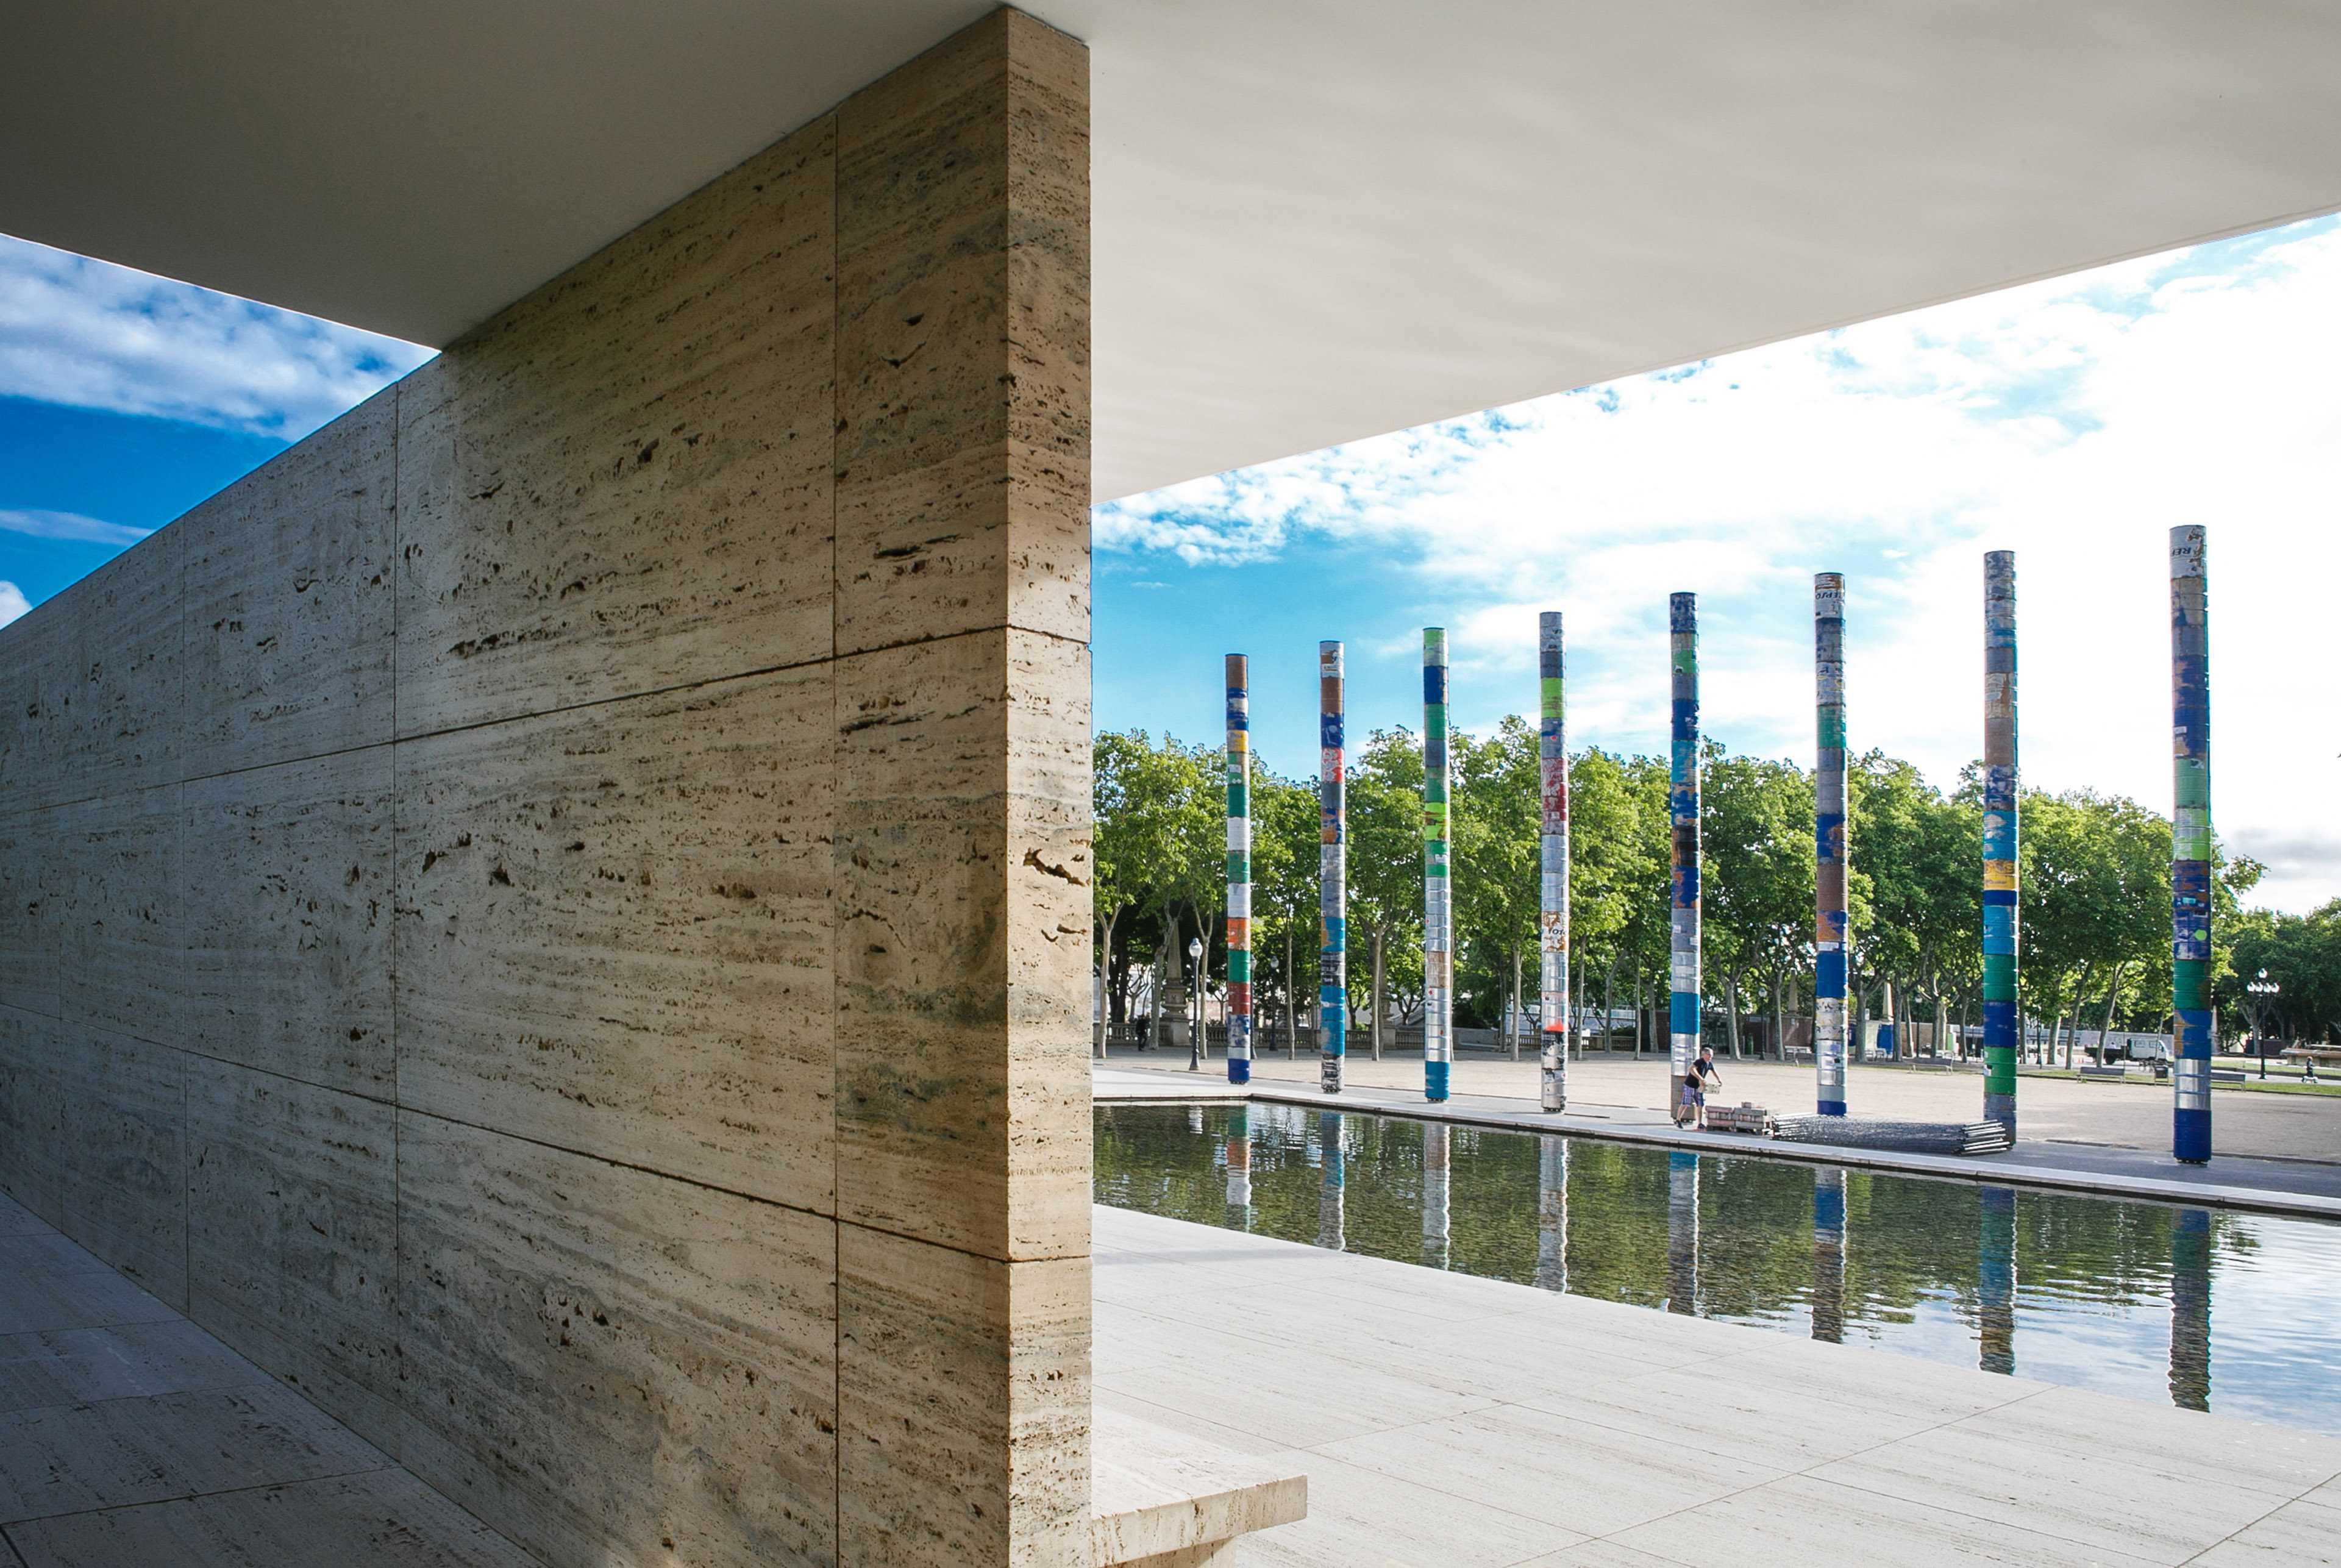 Columnas conmemorativas Pabellón de Barcelona  - 70 03 35